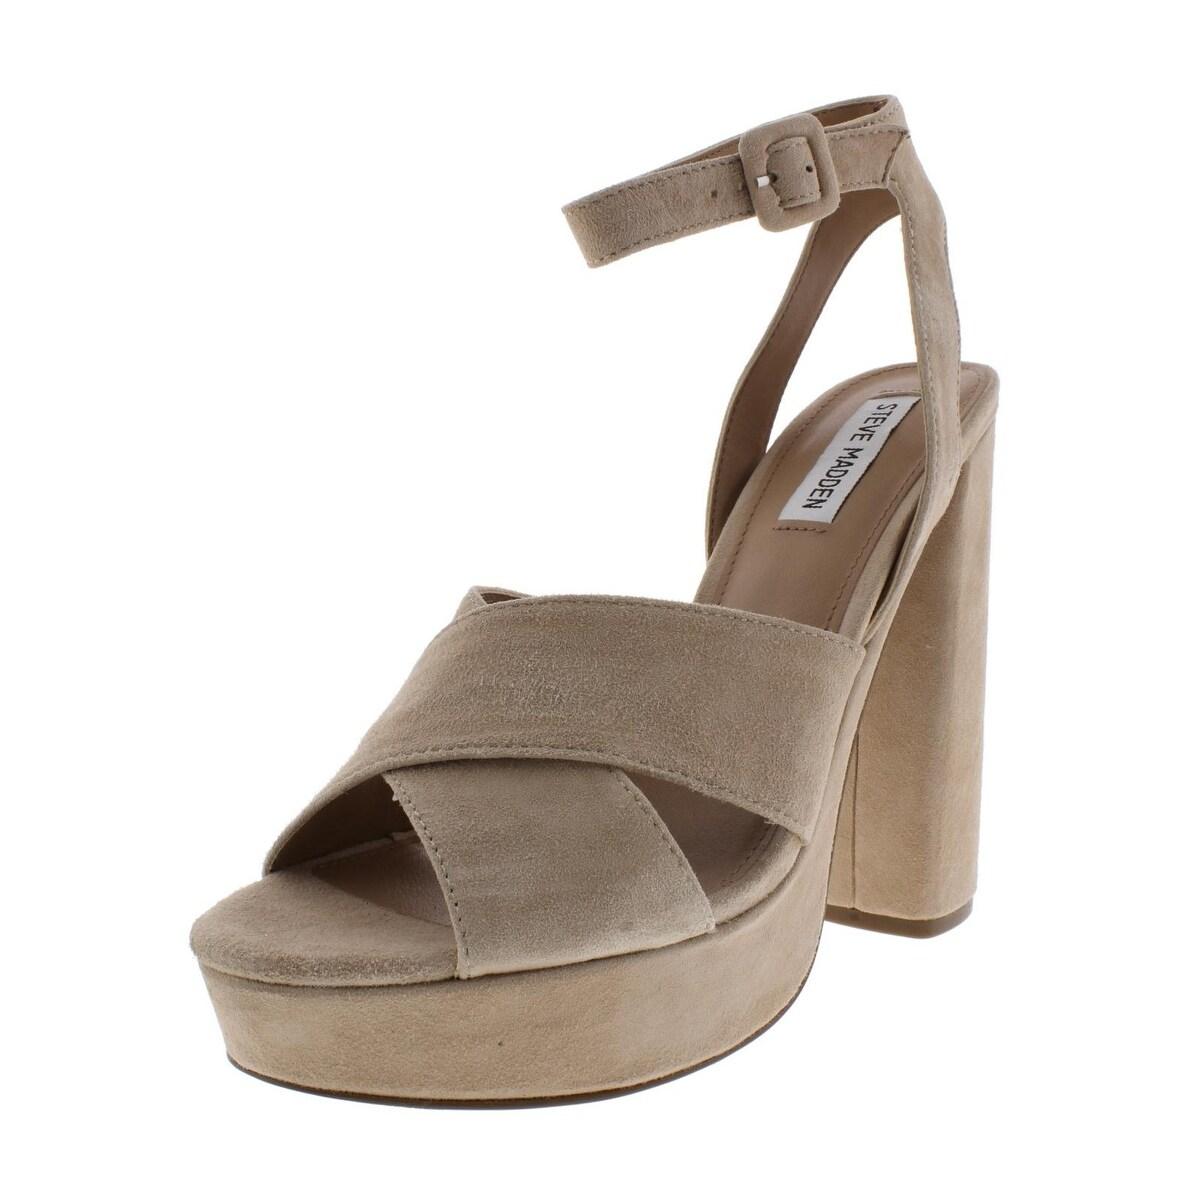 6a5e575cf93c Steve Madden Shoes